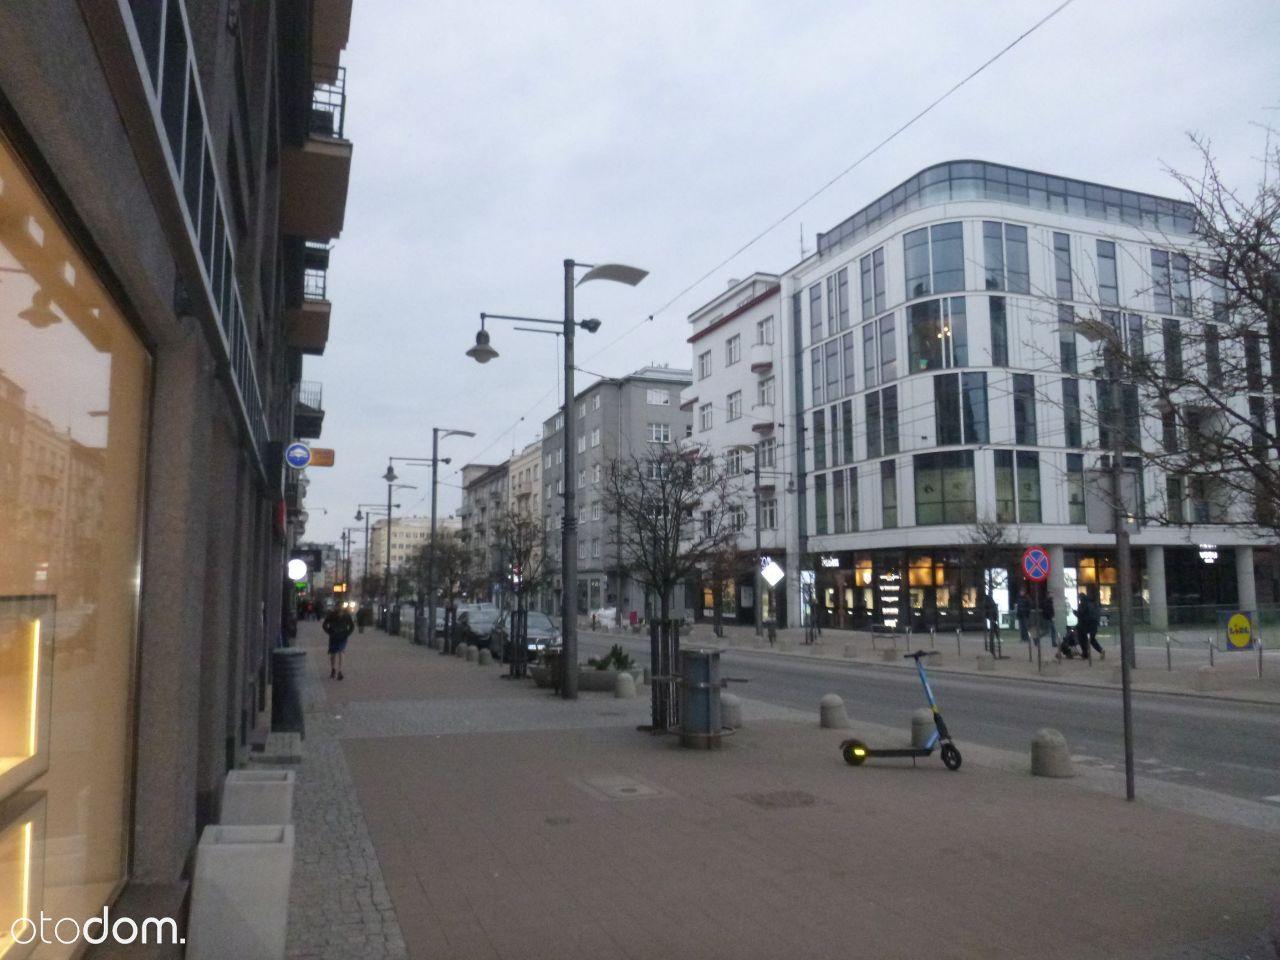 Lokal użytkowy/sklep 17 m2 ul Świętojańska wynajmę